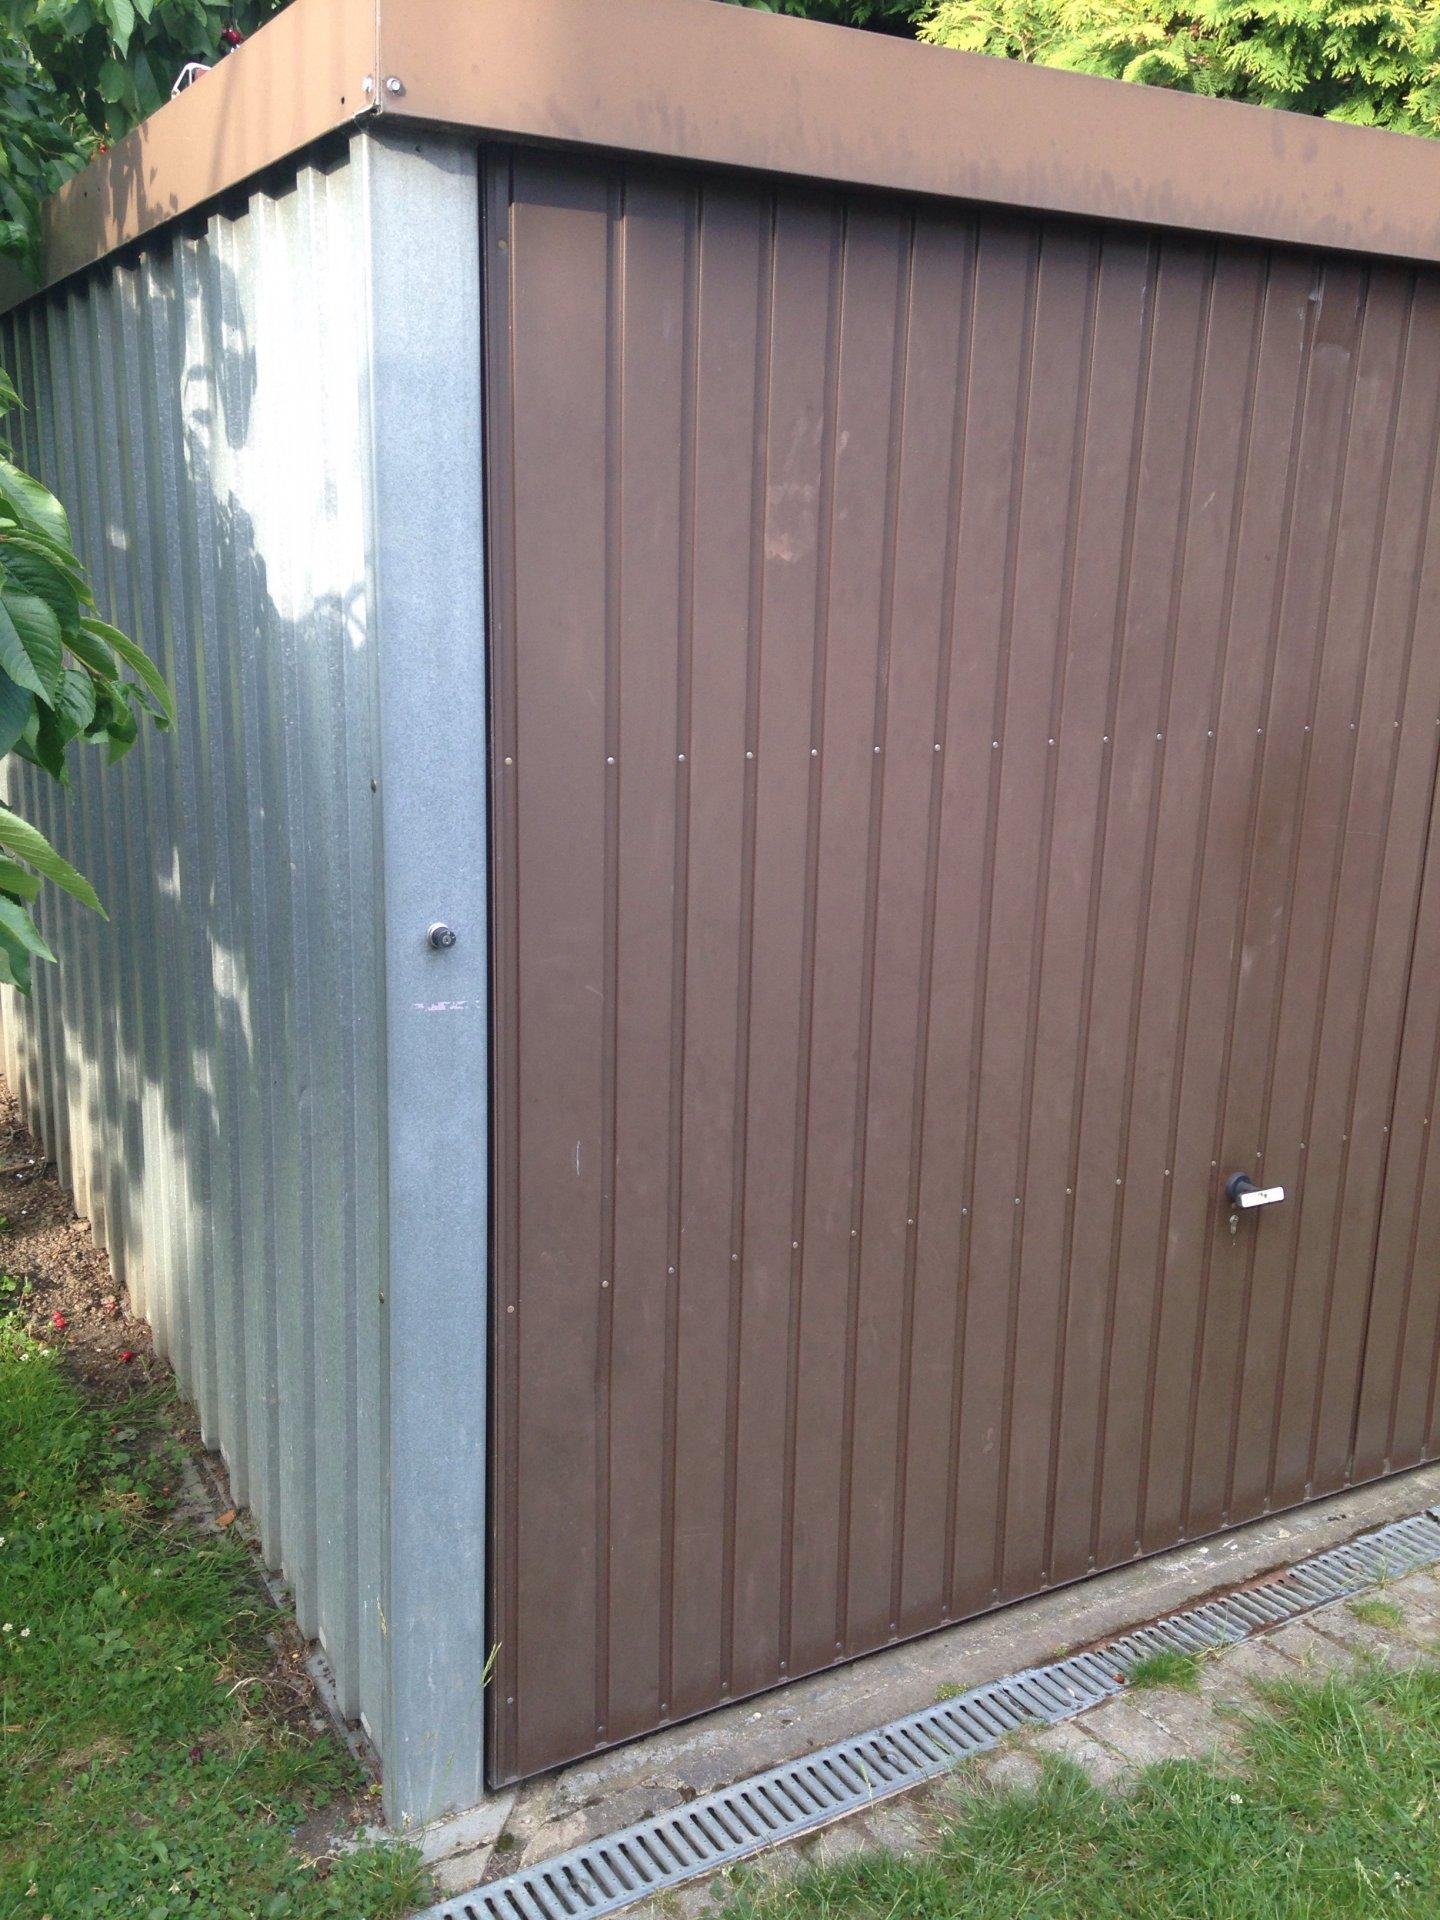 Blech Garage Dicht Machen